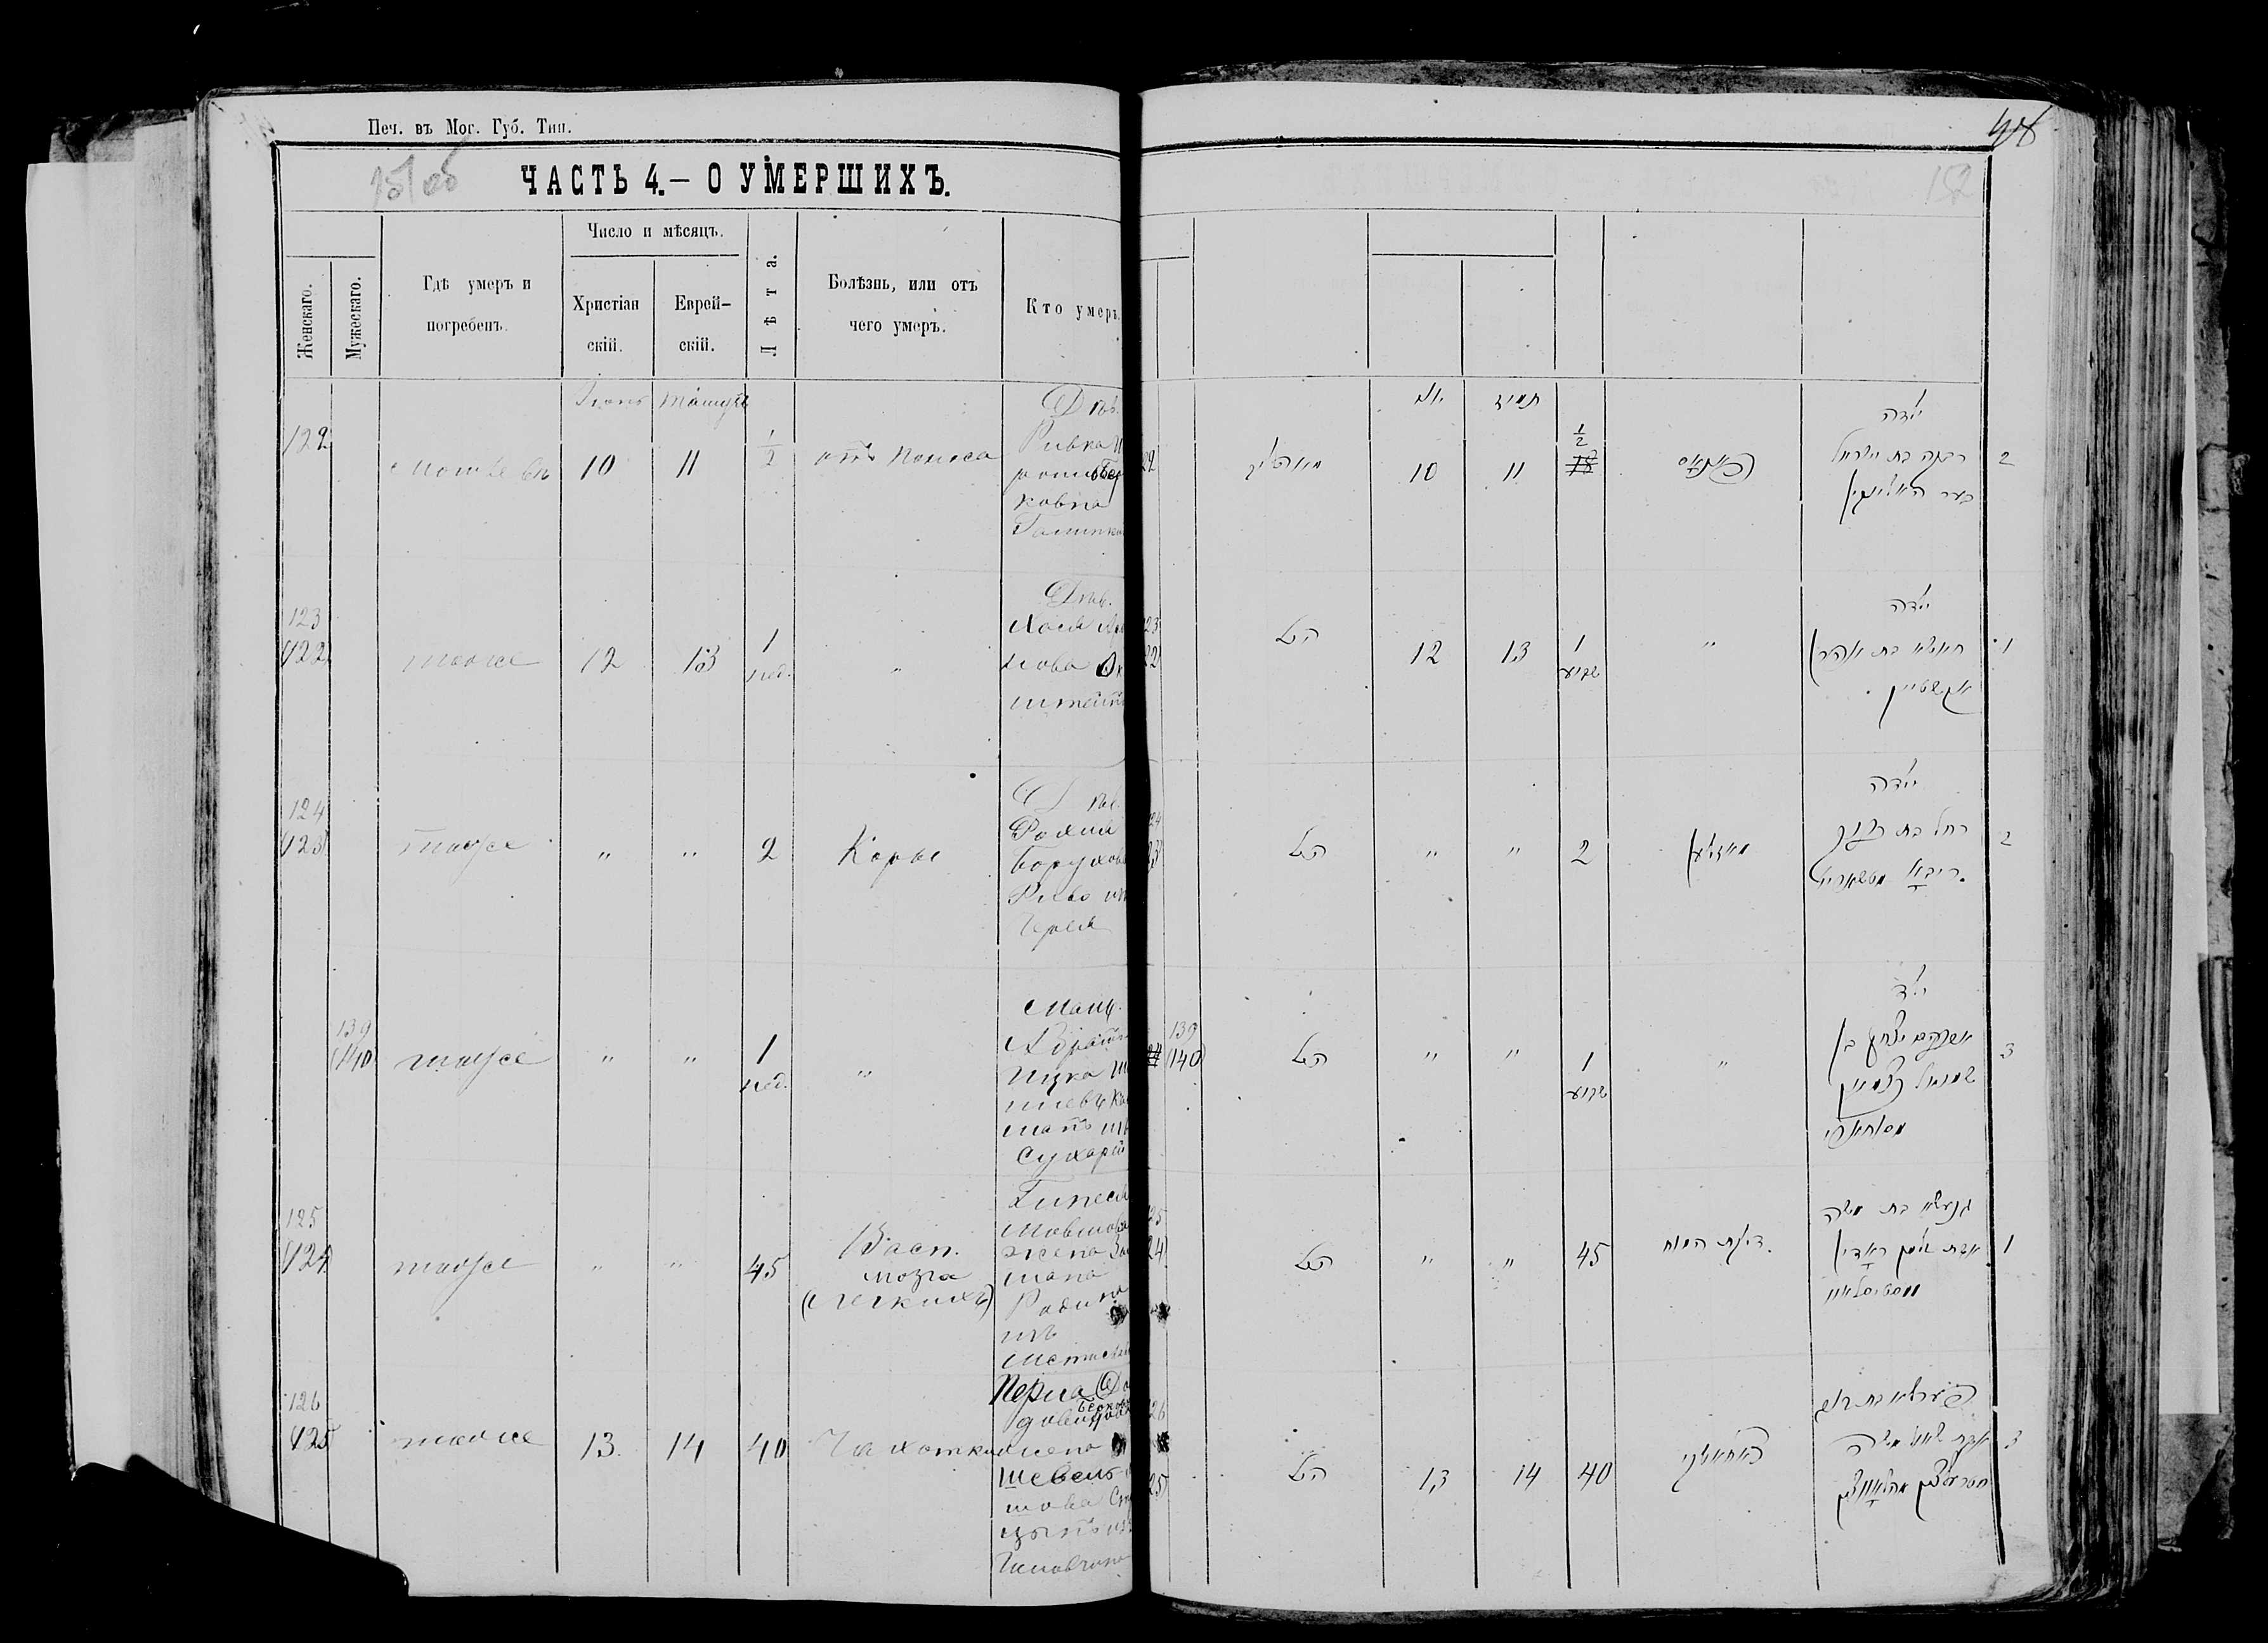 Перла Давидовна жена Шевель-Мовши Стрельцына ум. 13 июня 1877, запись 126, пленка 007766481, снимок 273